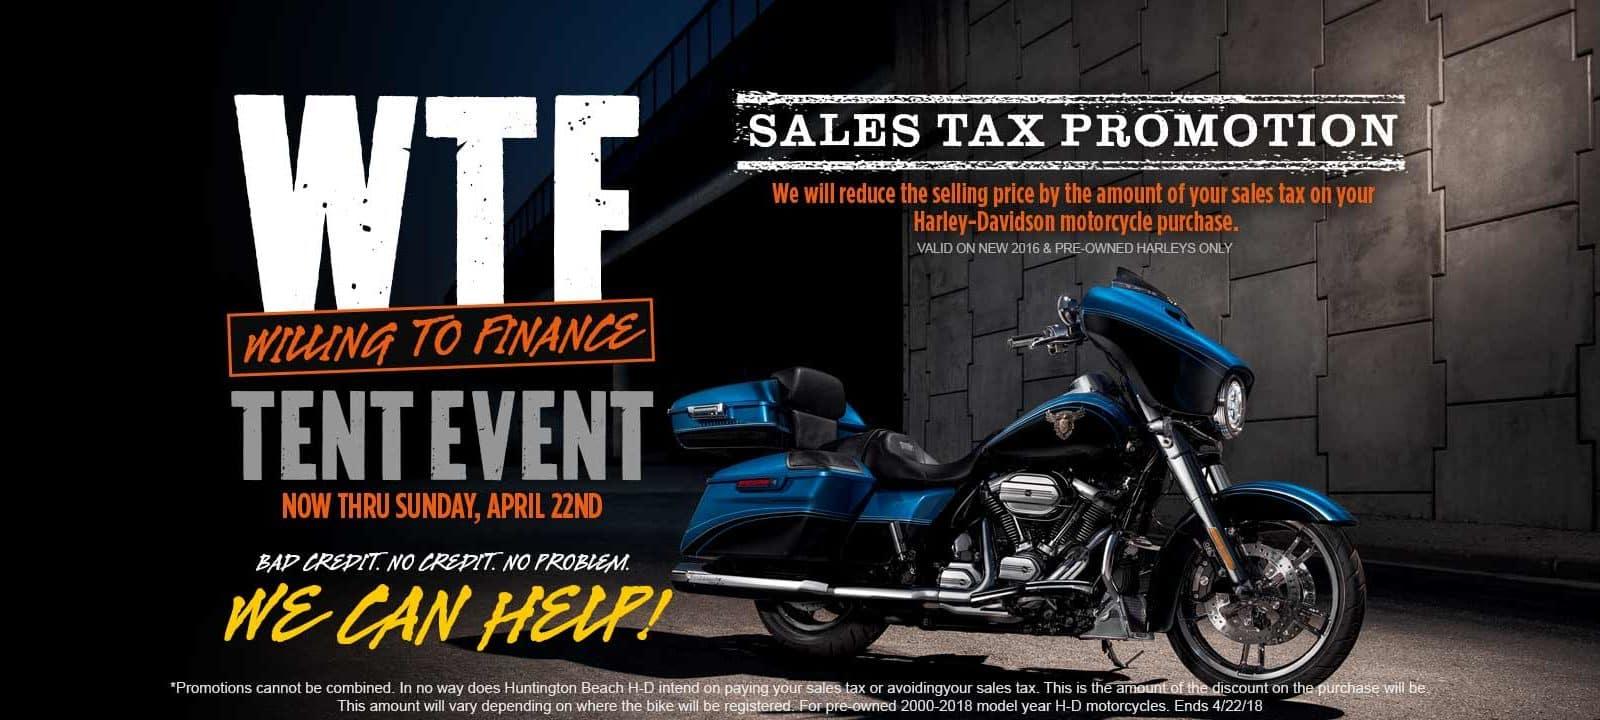 20180416-HBHD-1800x720-WTF-Tent-Event-Sales-Tax